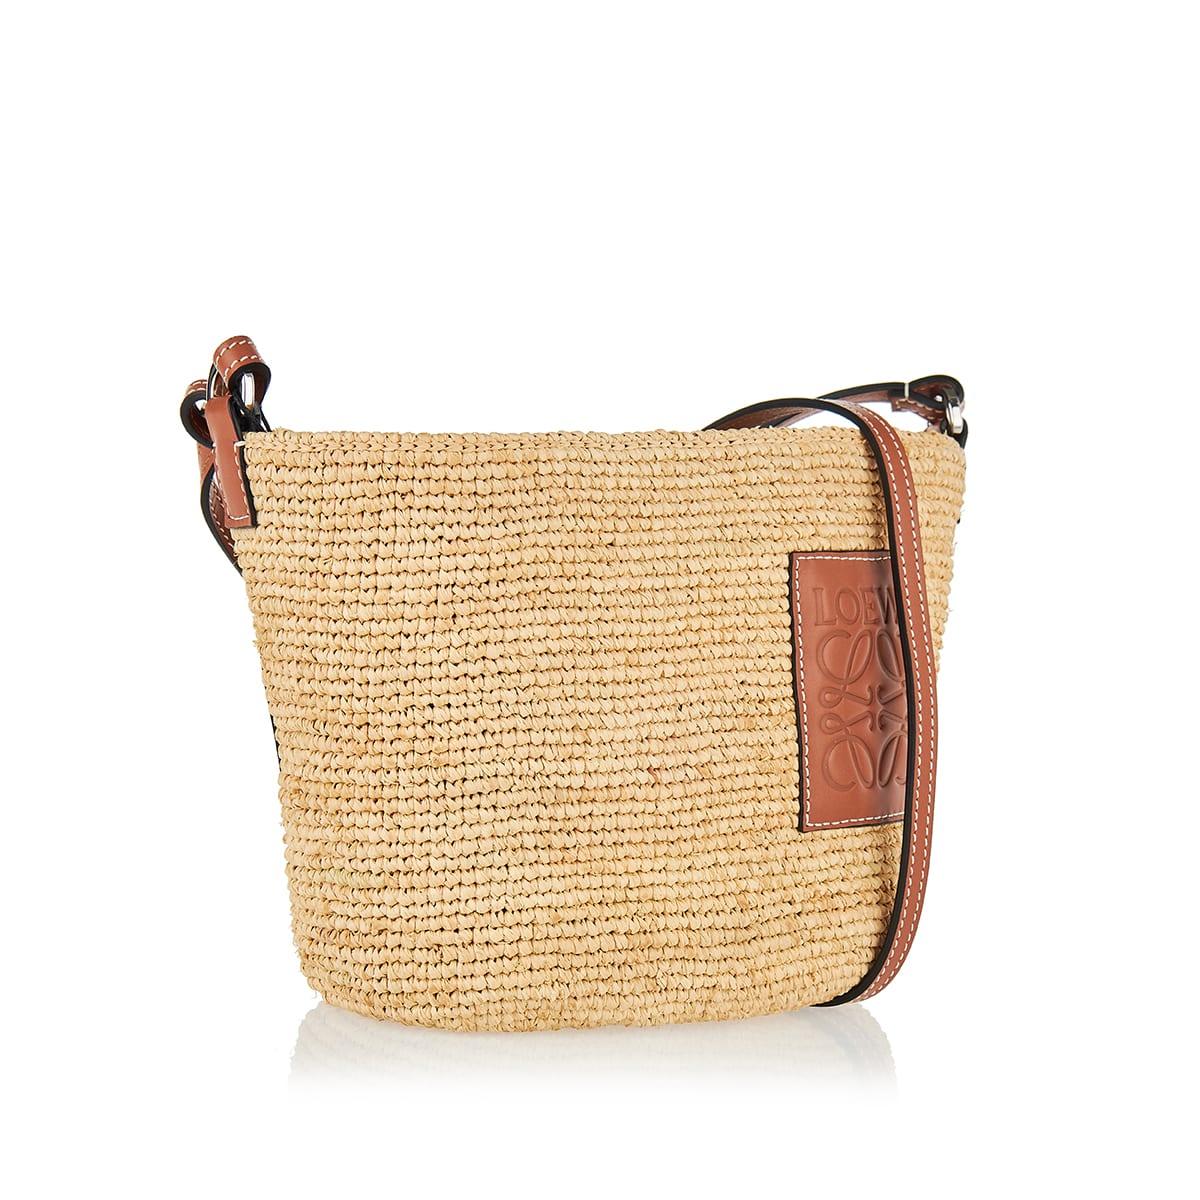 Leather-trimmed raffia bag